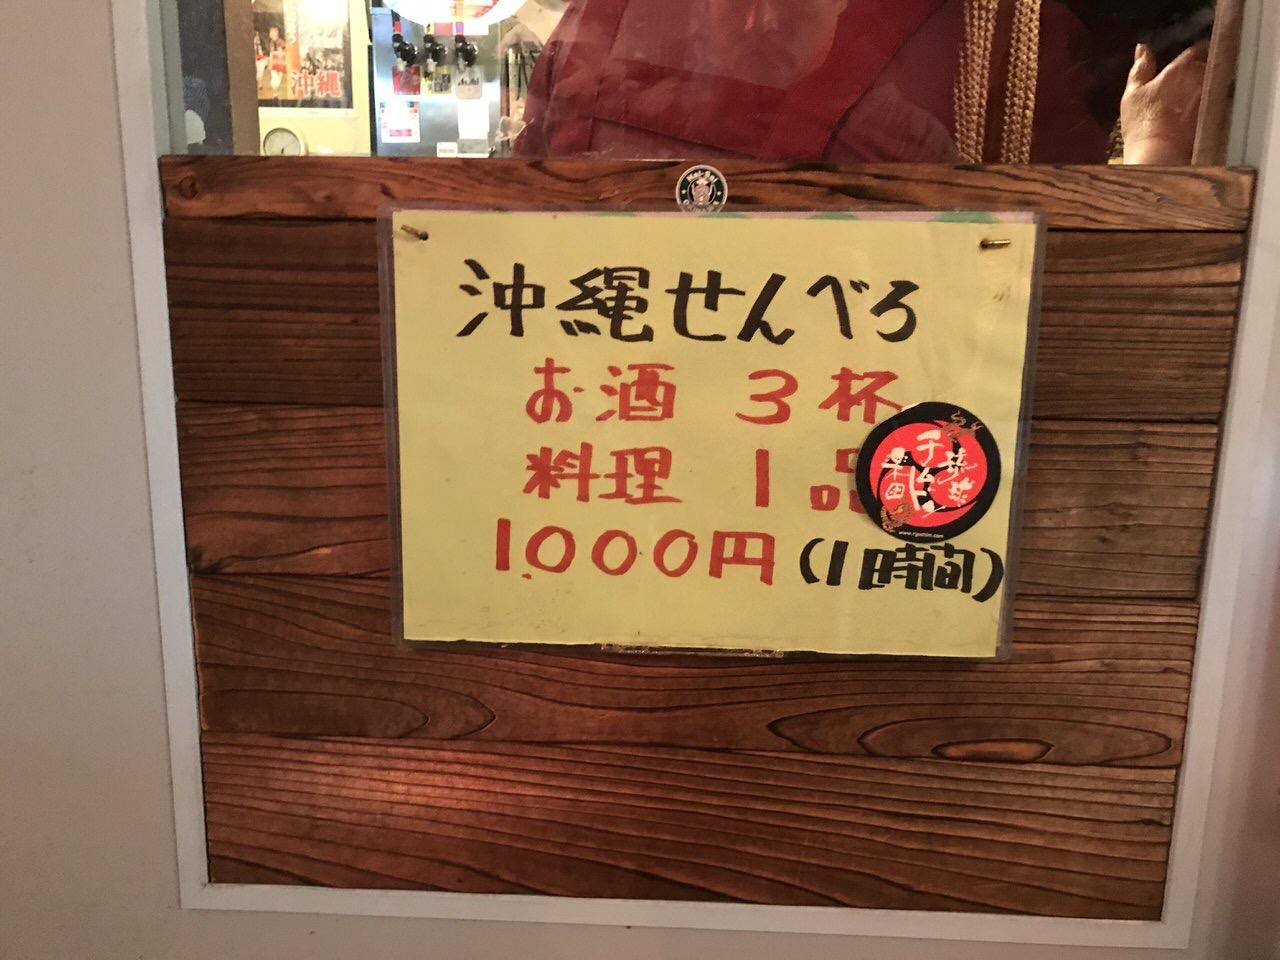 沖縄せんべろ 3杯+1品